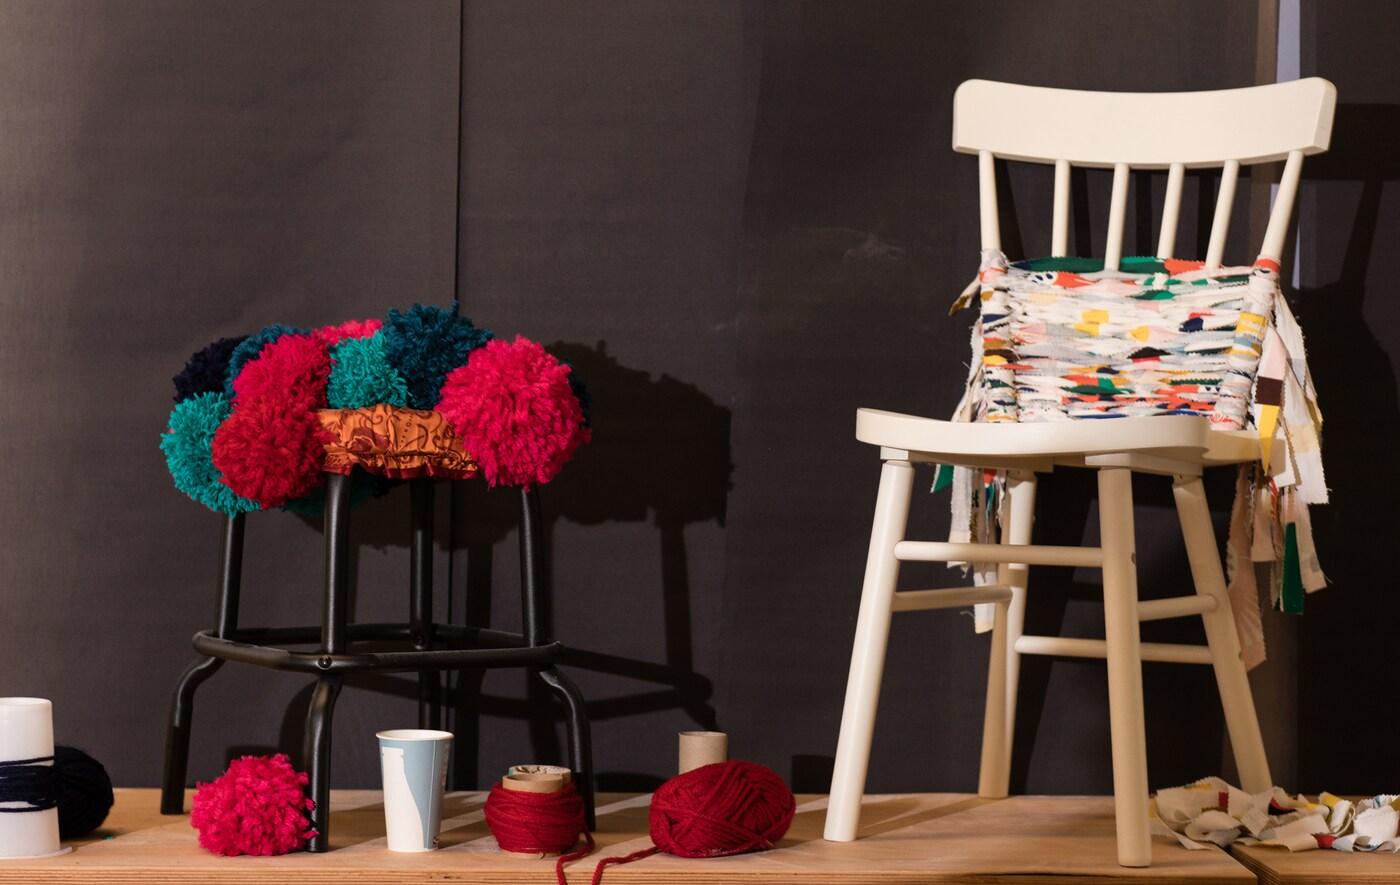 Ein schwarzer Stuhl mit Bommeln und ein weißer Stuhl mit dekorativen Stoffresten